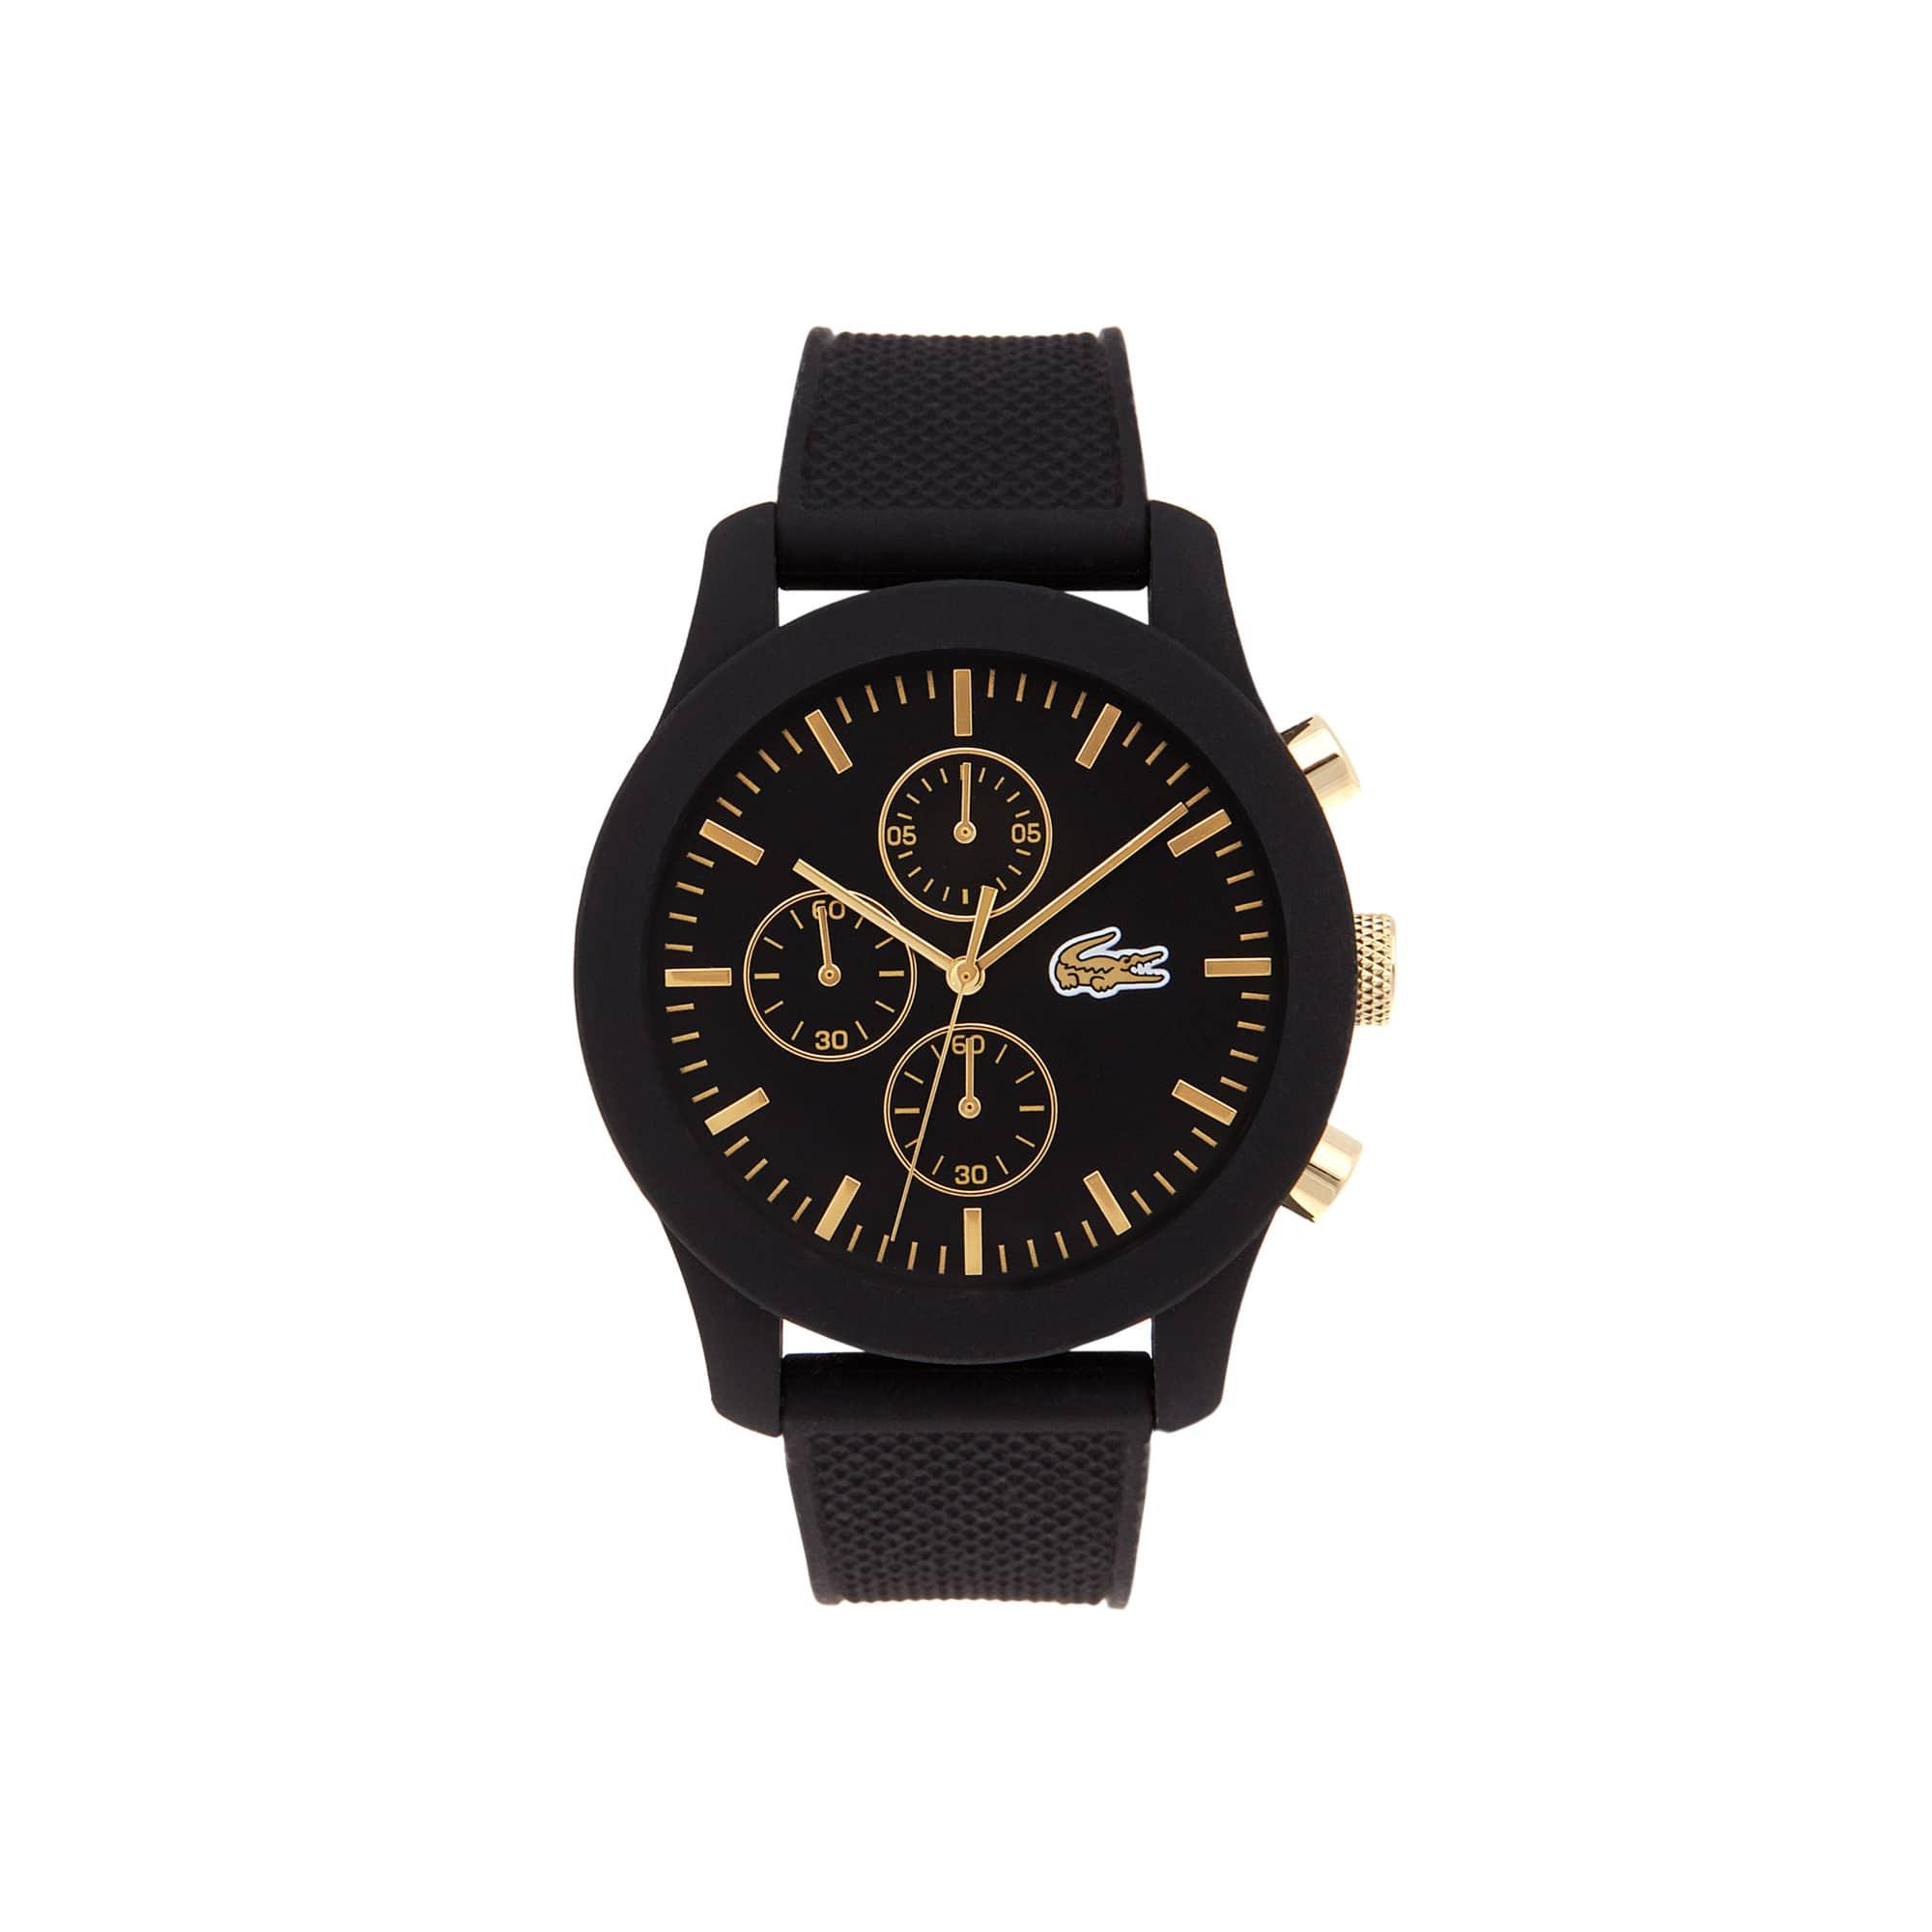 Montre Lacoste.12.12 chronographe avec bracelet noir en silicone et détails dorés jaune sur le cadra